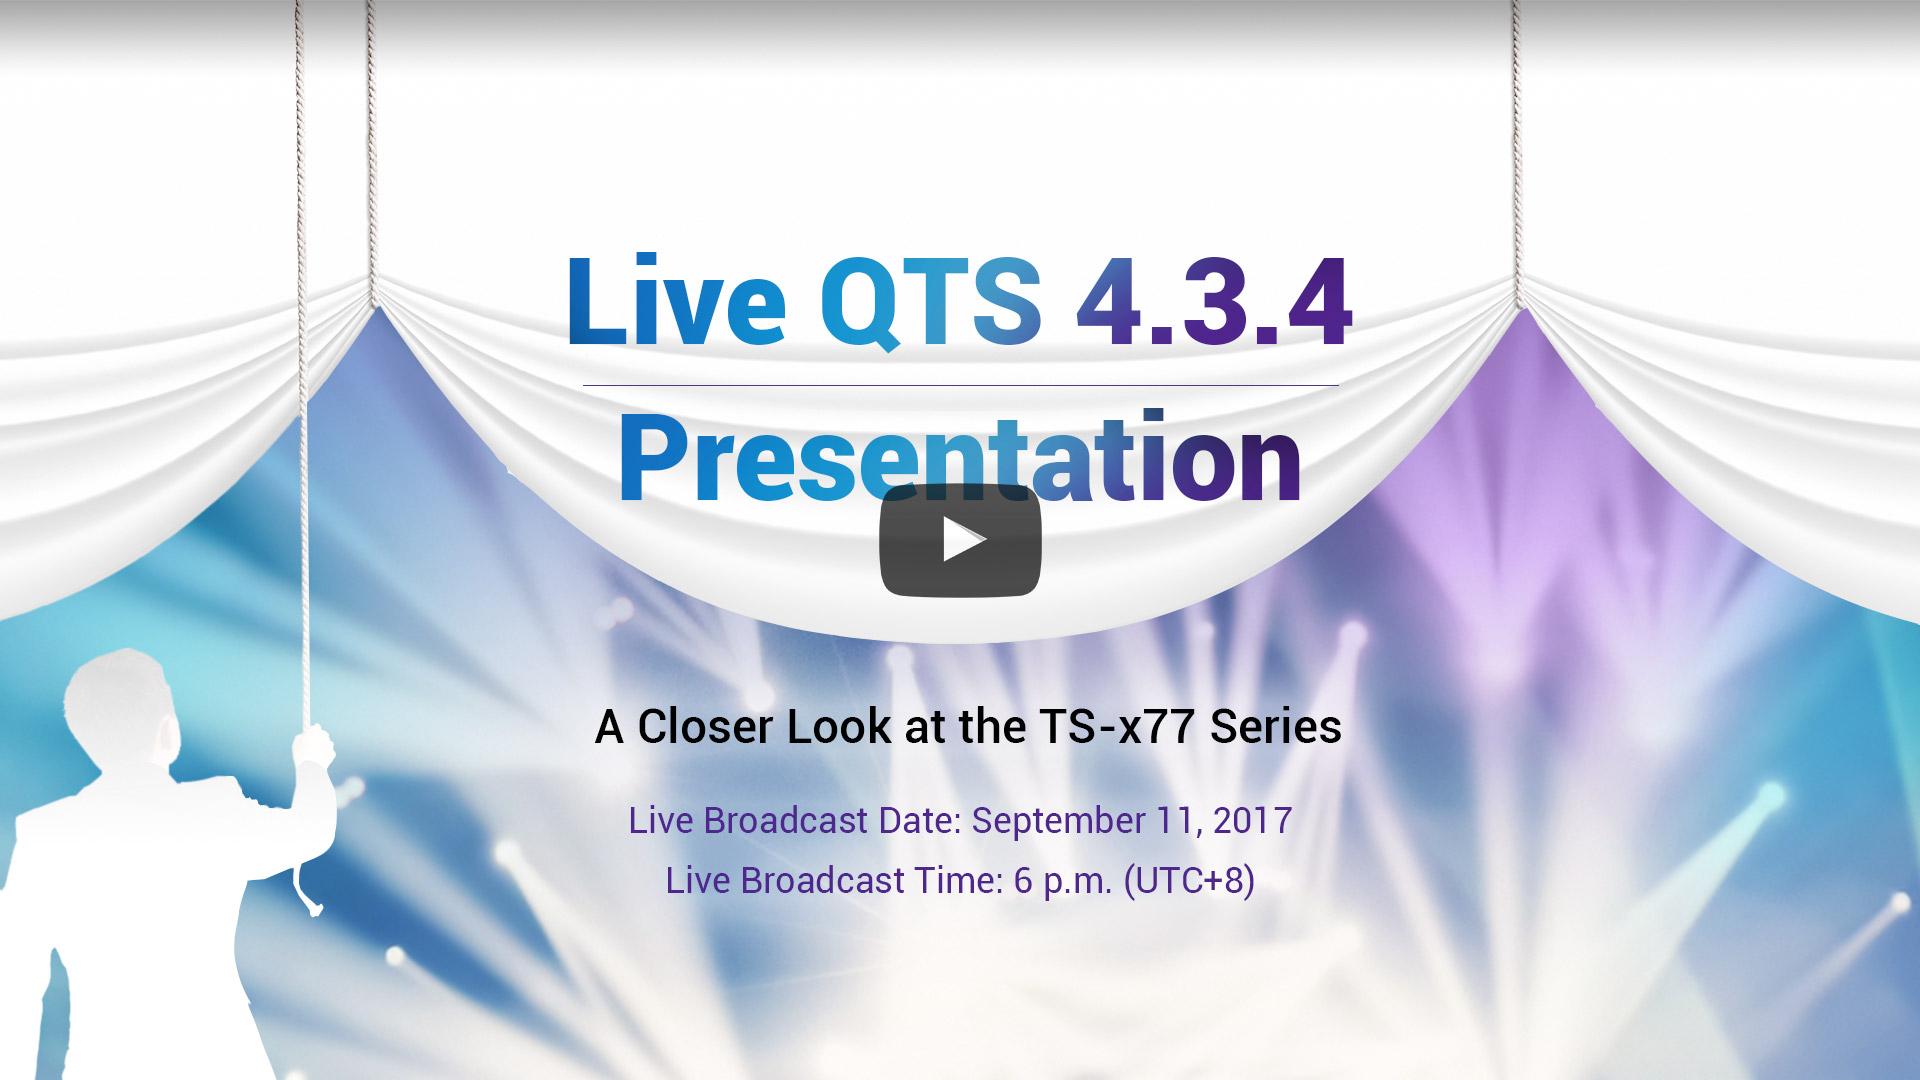 Live QTS 4.3.4 Presentation